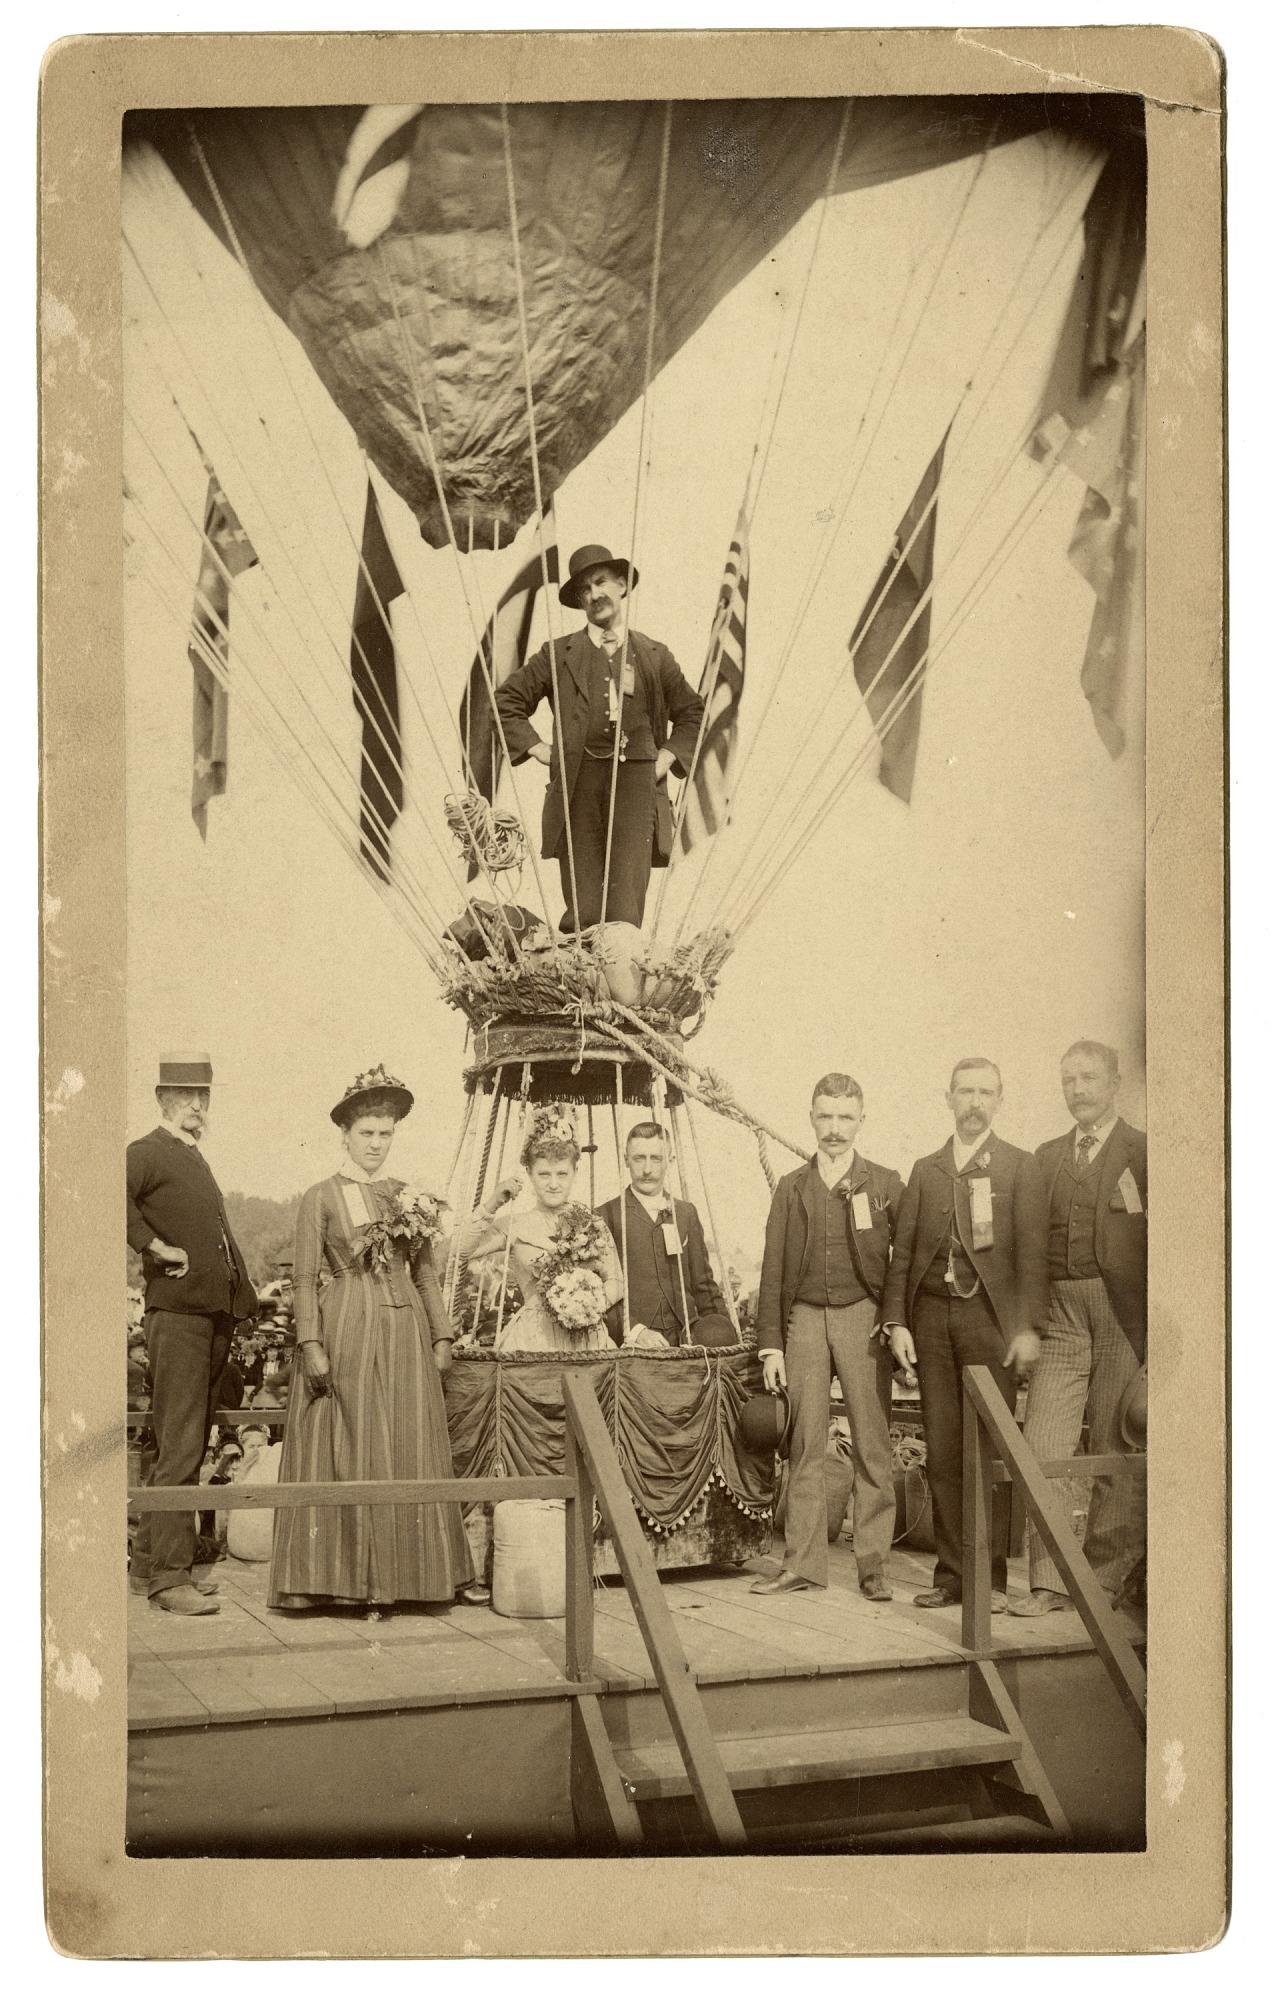 Krainik Ballooning Collection